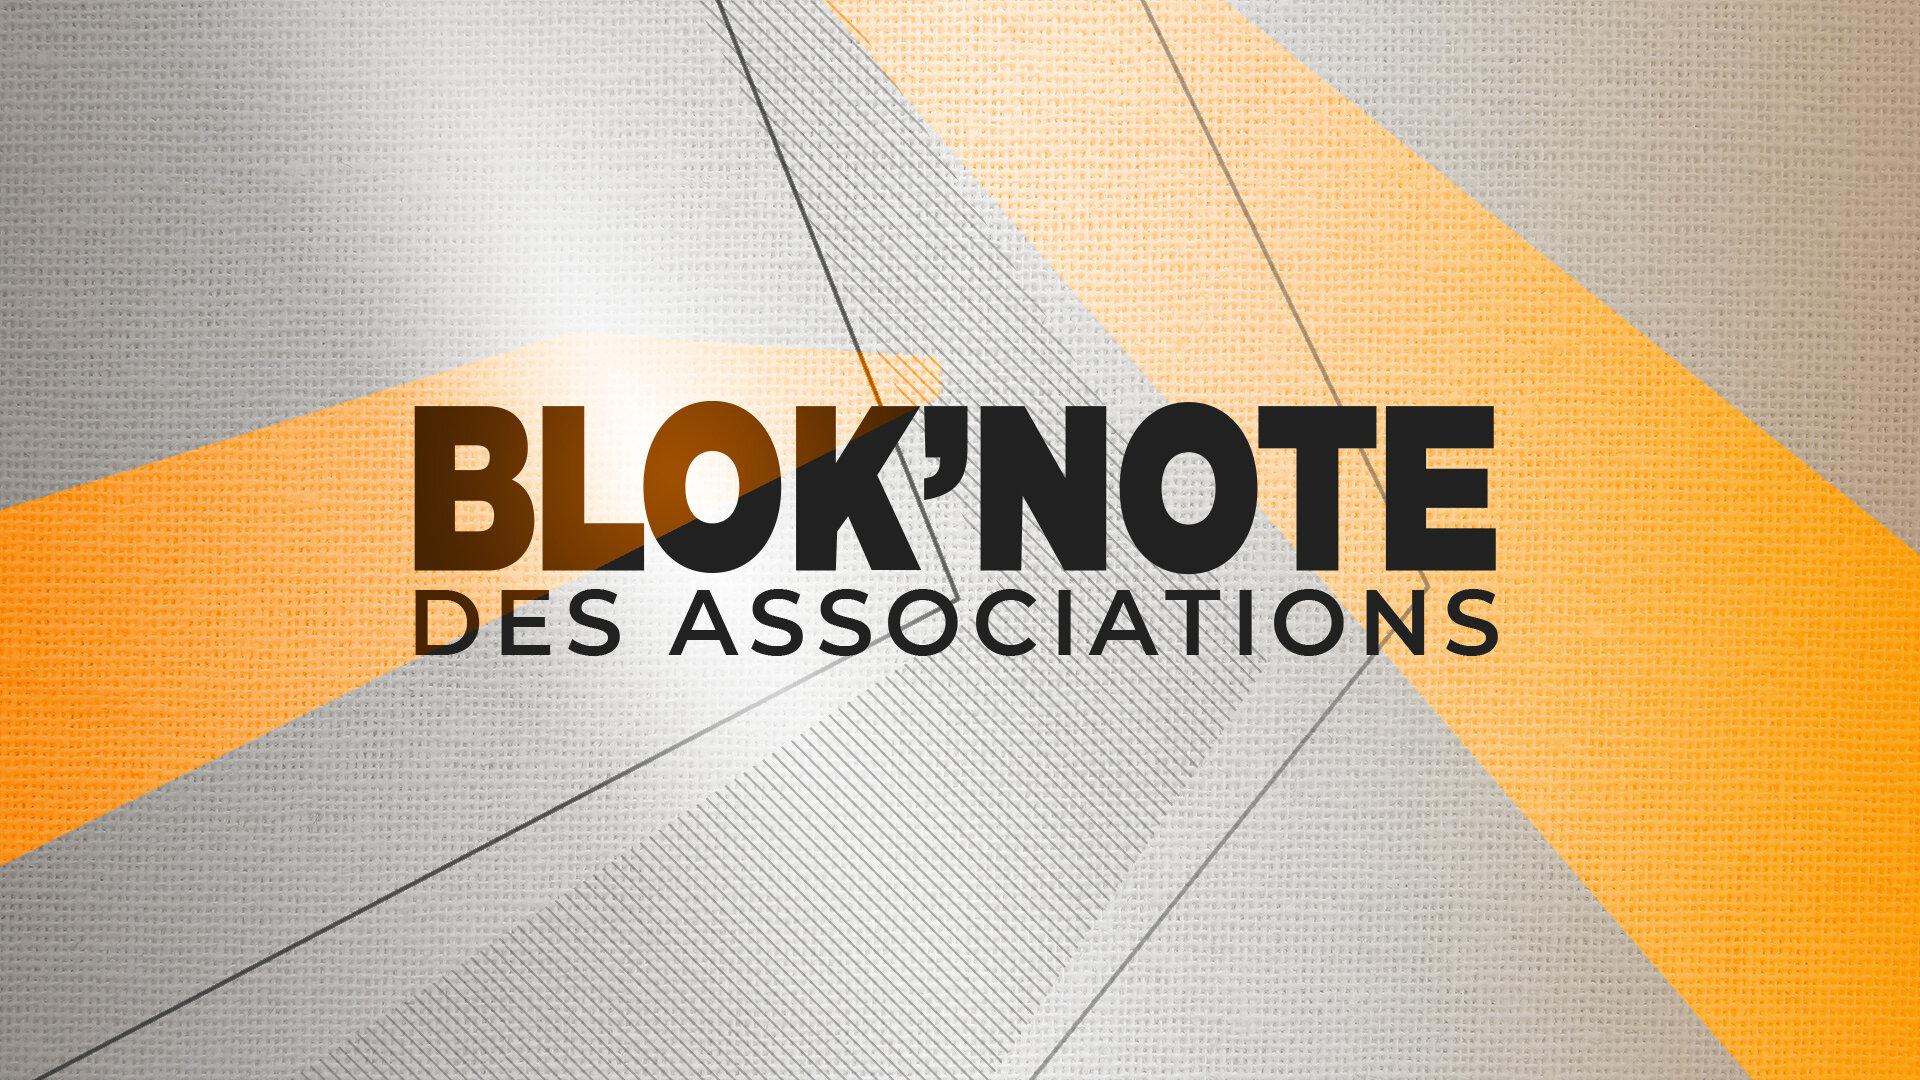 Blok' notes